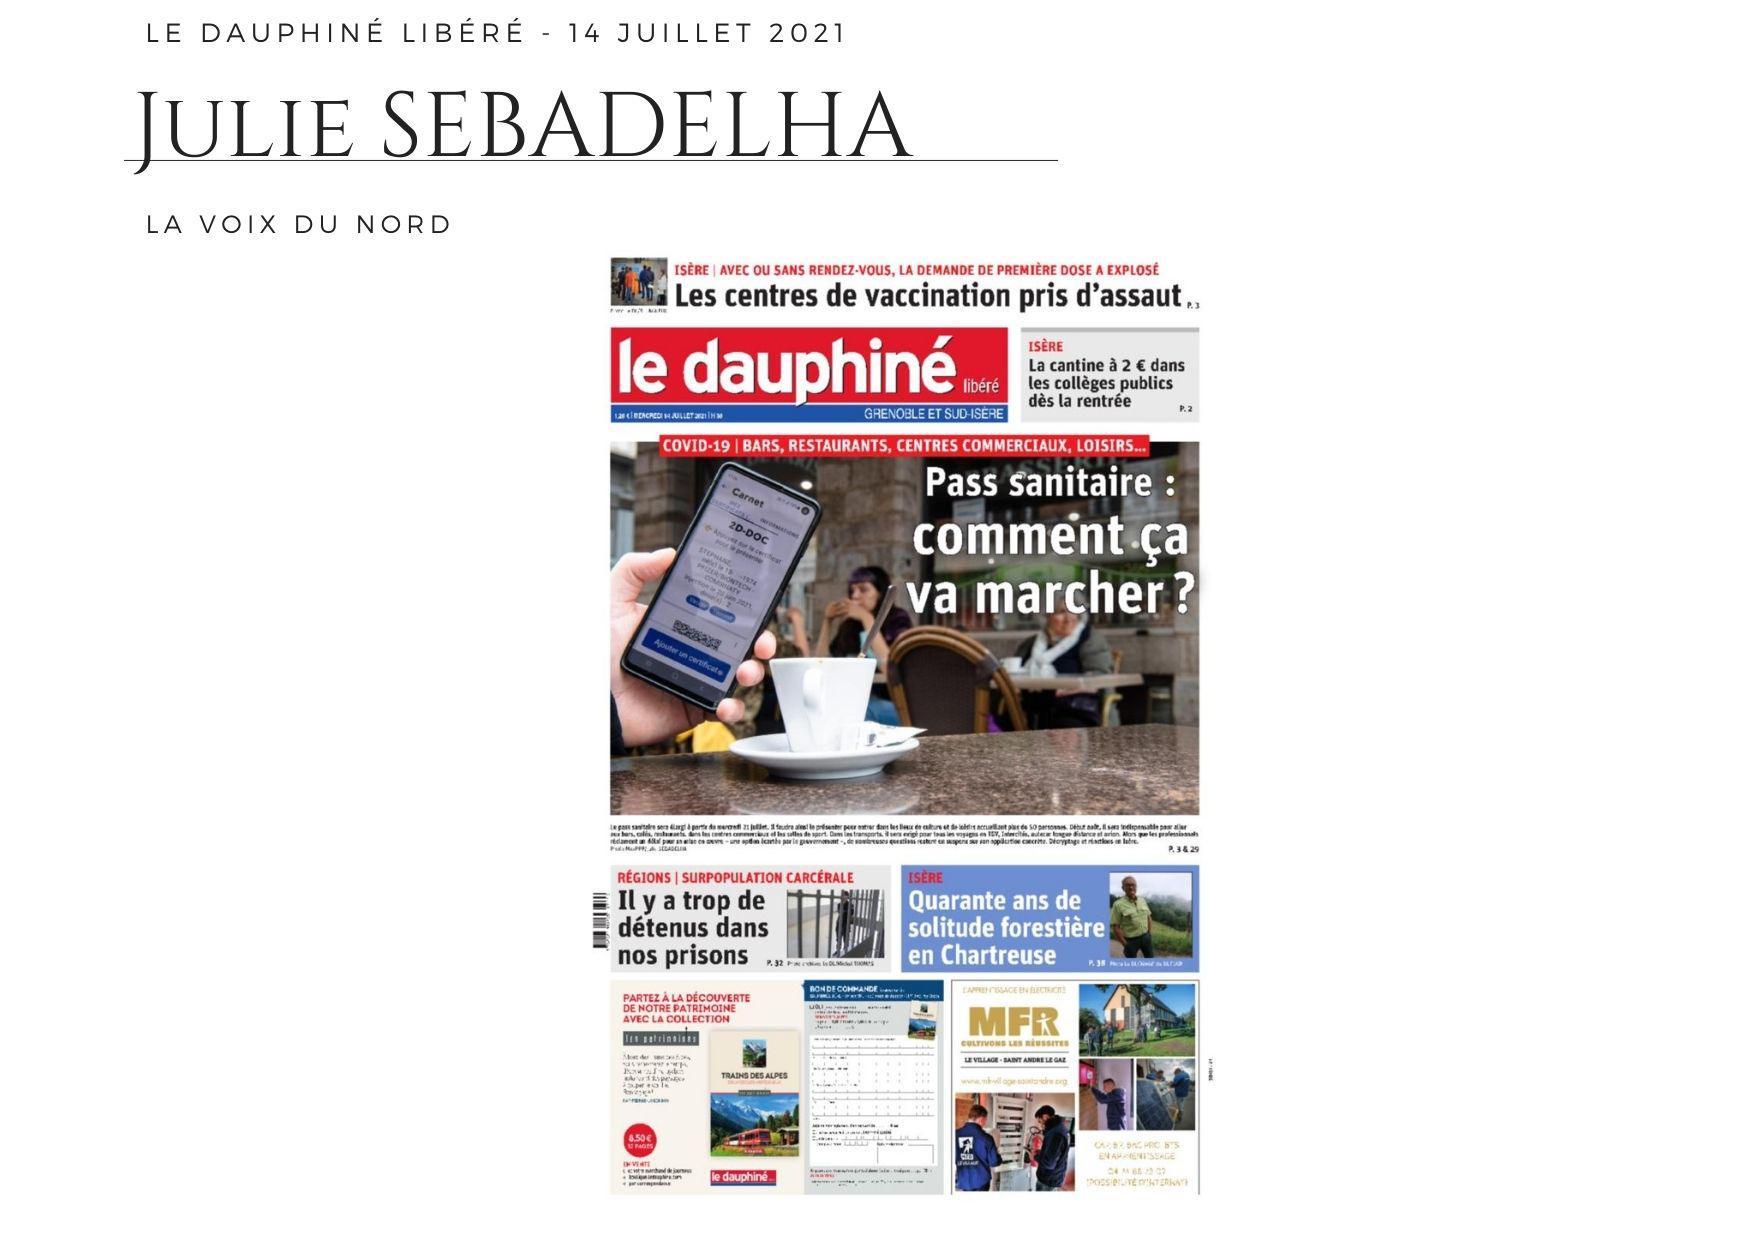 Le Dauphiné - 16 juillet 2021